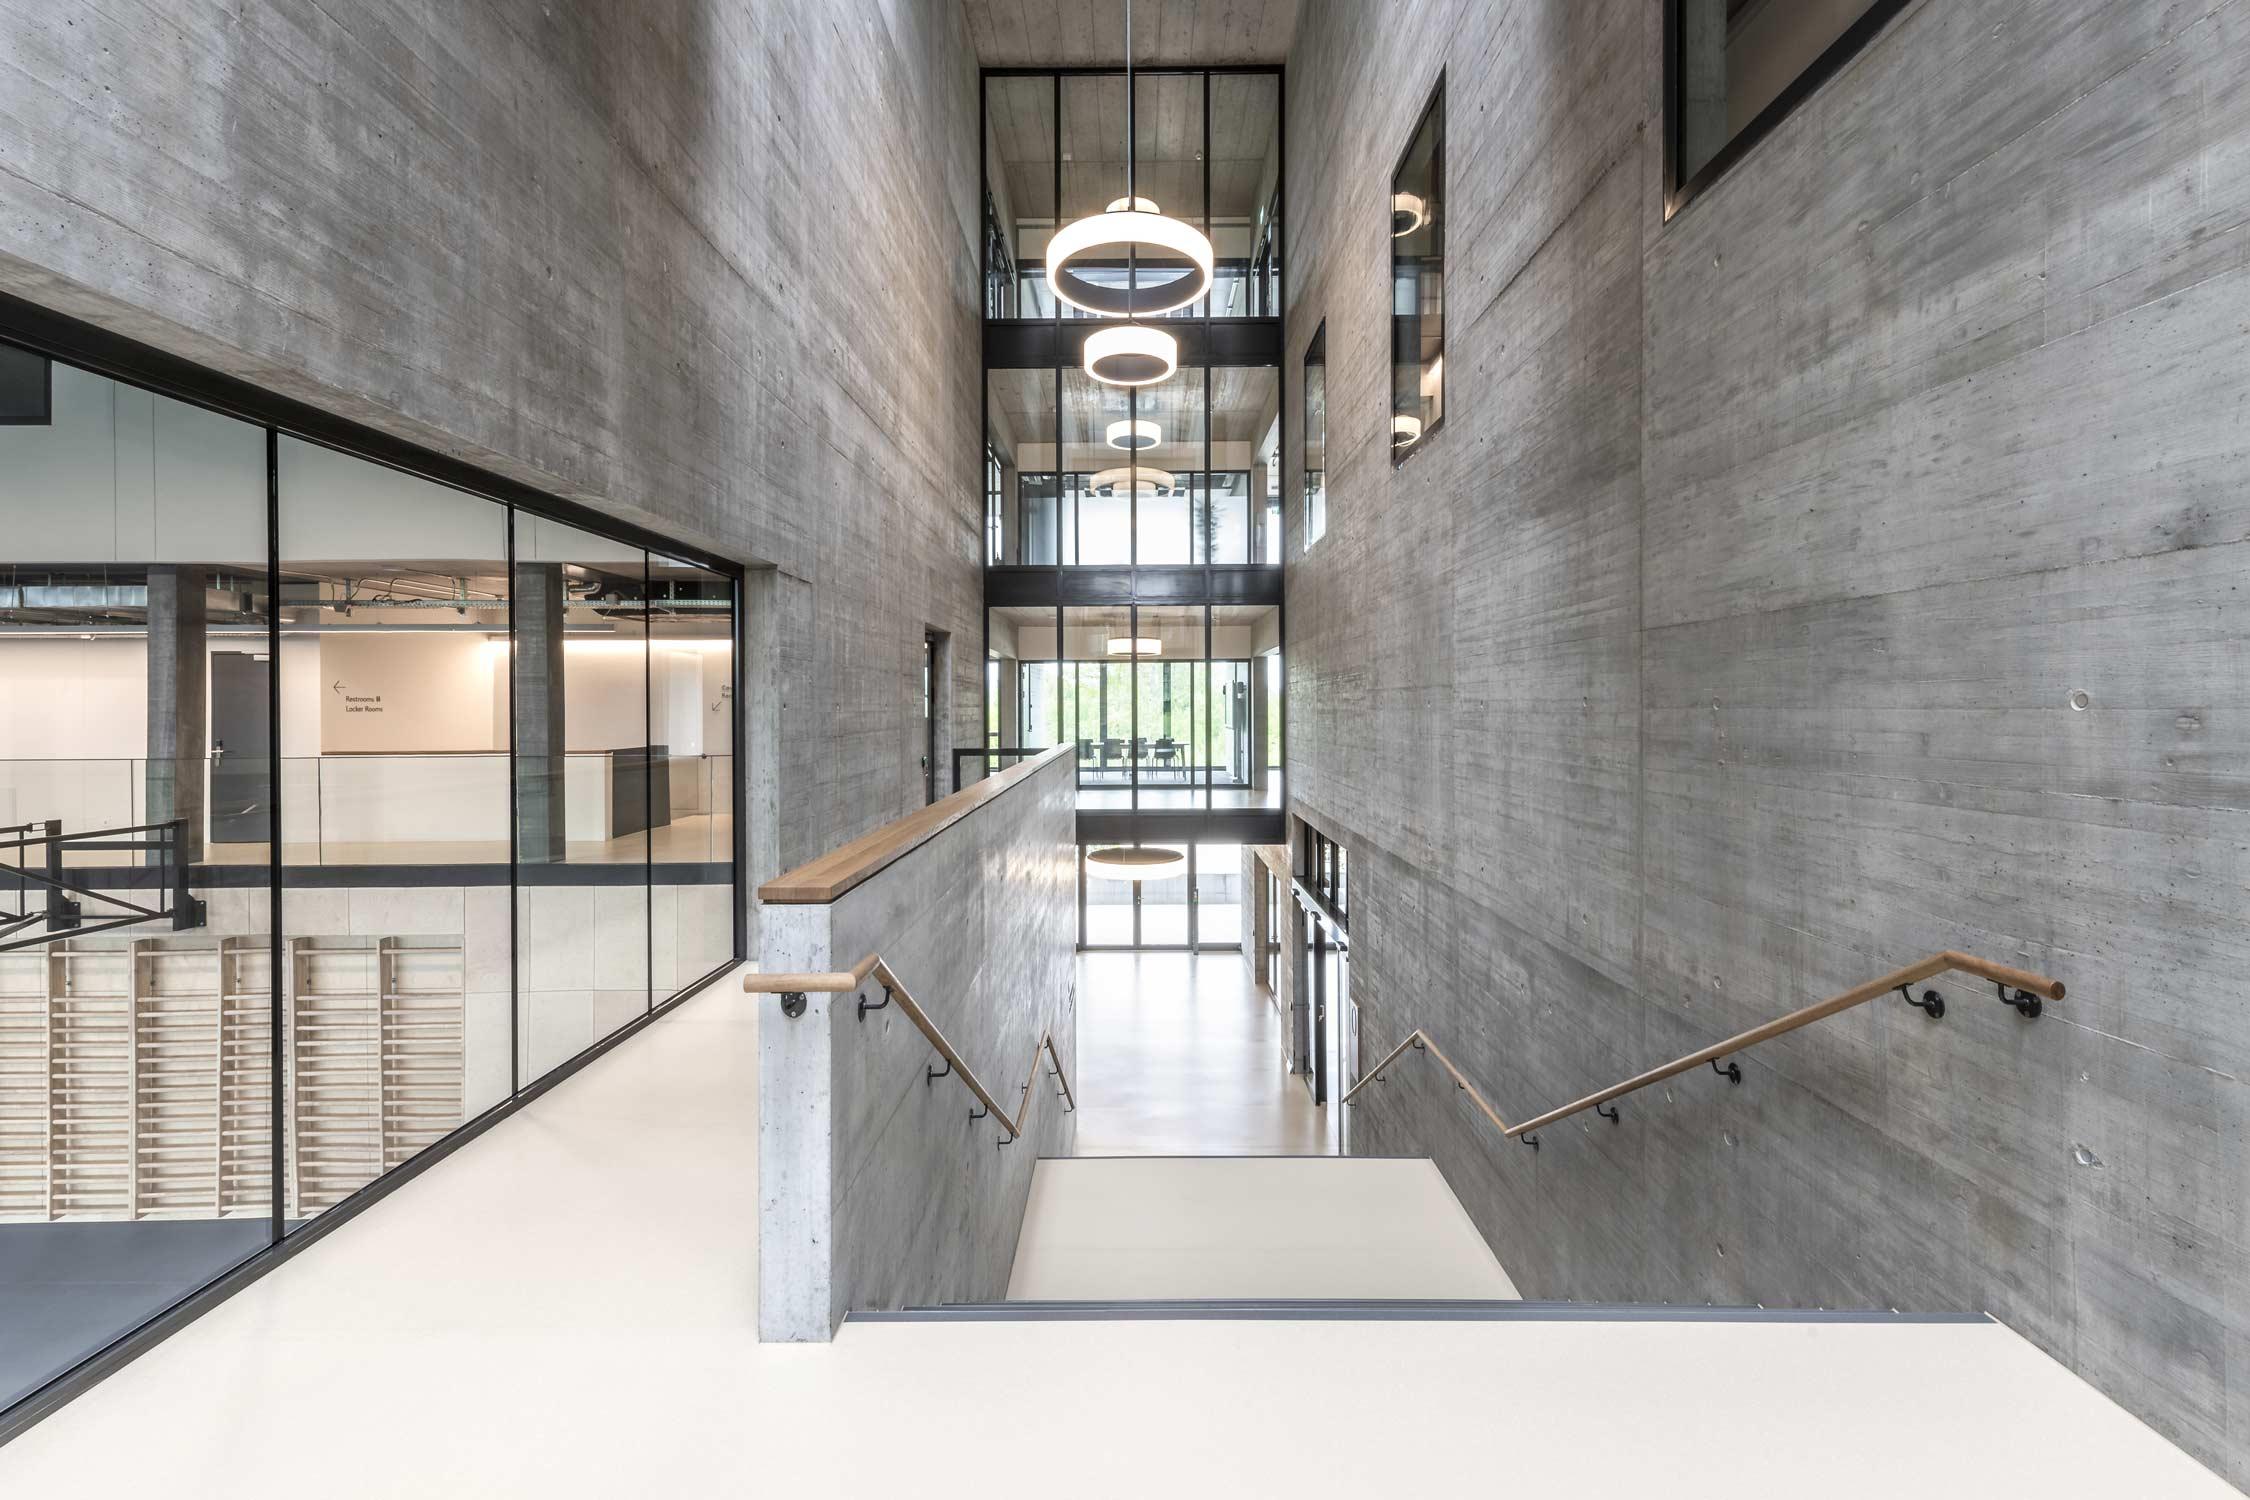 OYM Treppenhaus Sporthalle Architekturfotografie Regine Giesecke